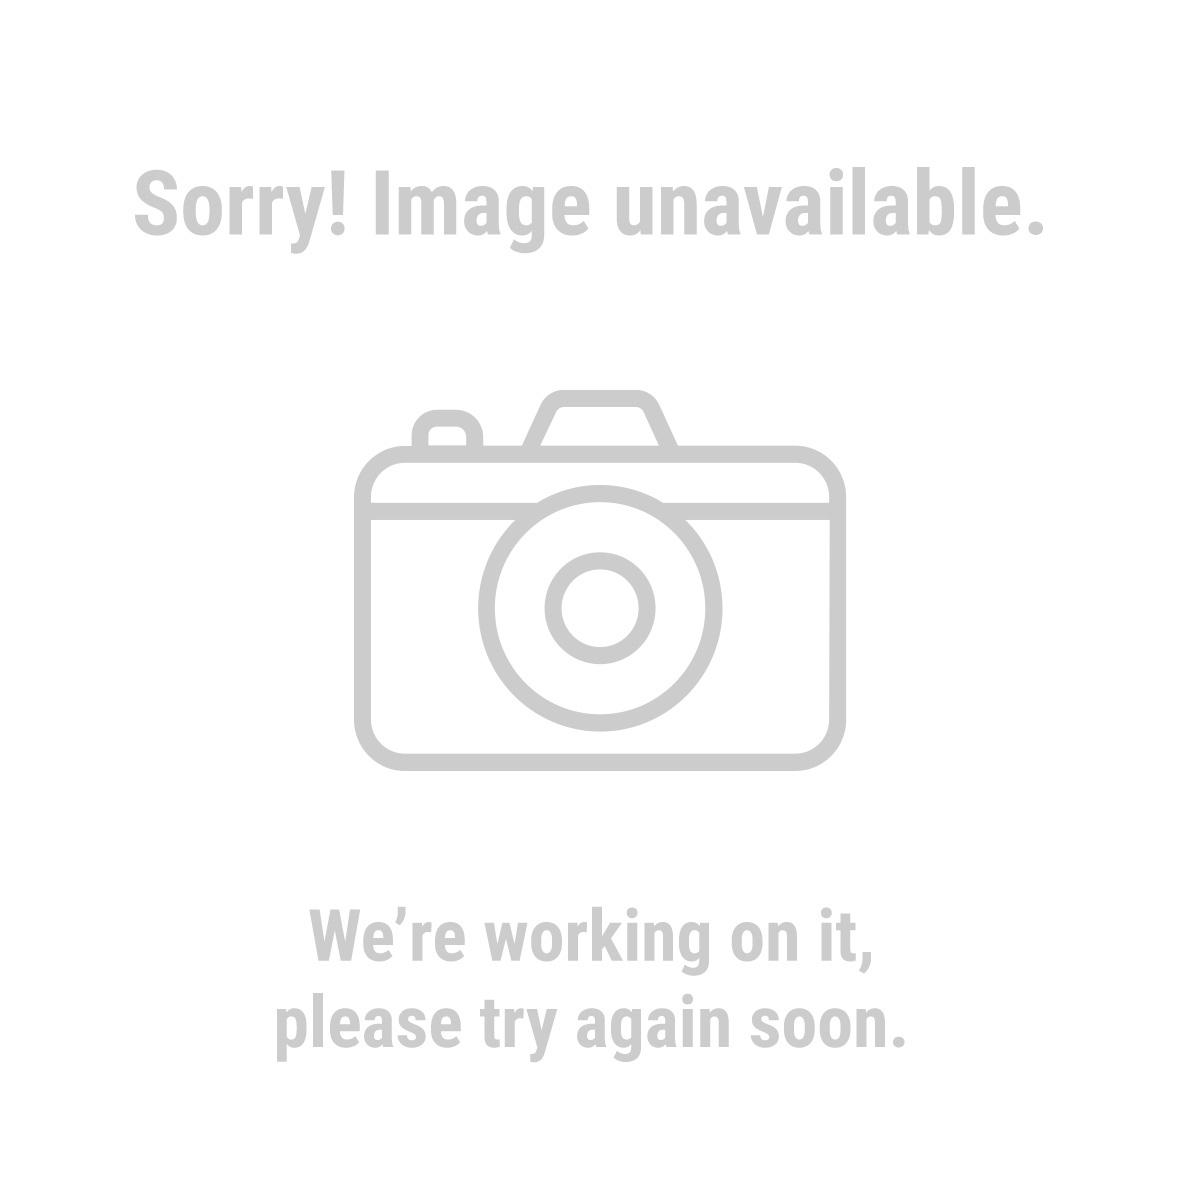 Bauer 63438 15 Amp 35 lb. Pro Demolition Hammer Kit